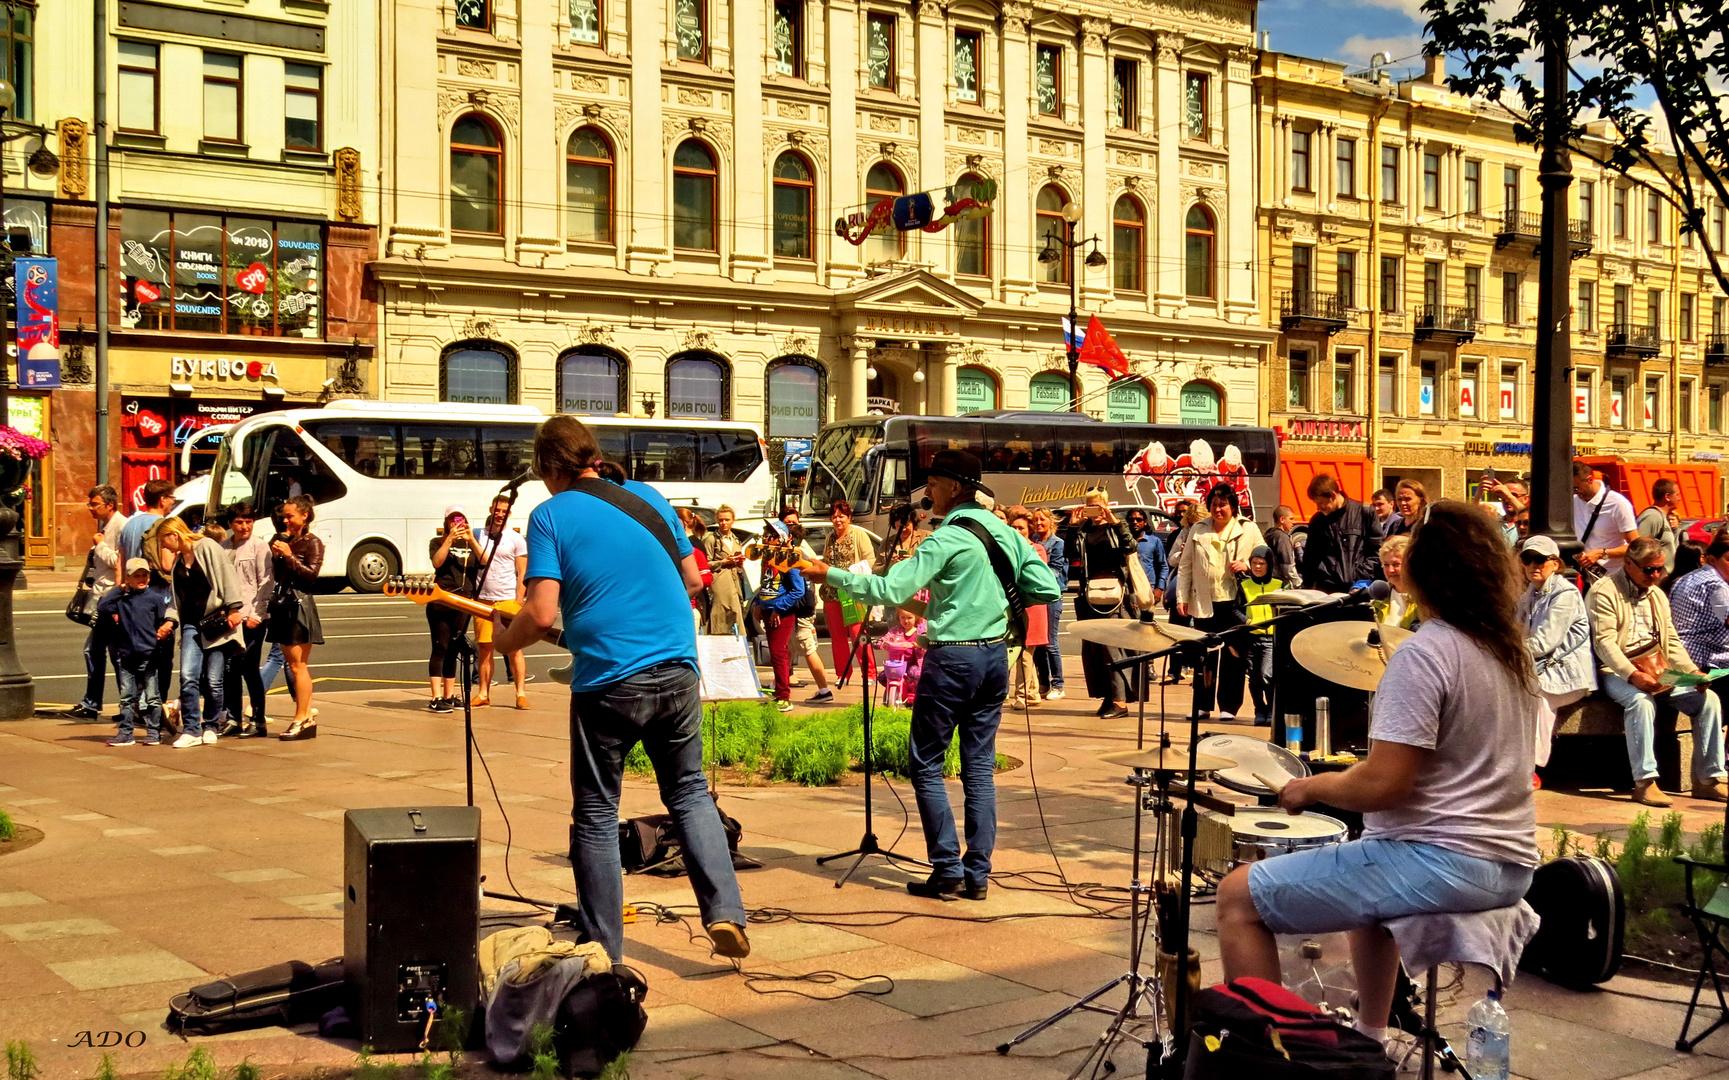 A Cowboy in St. Petersburg